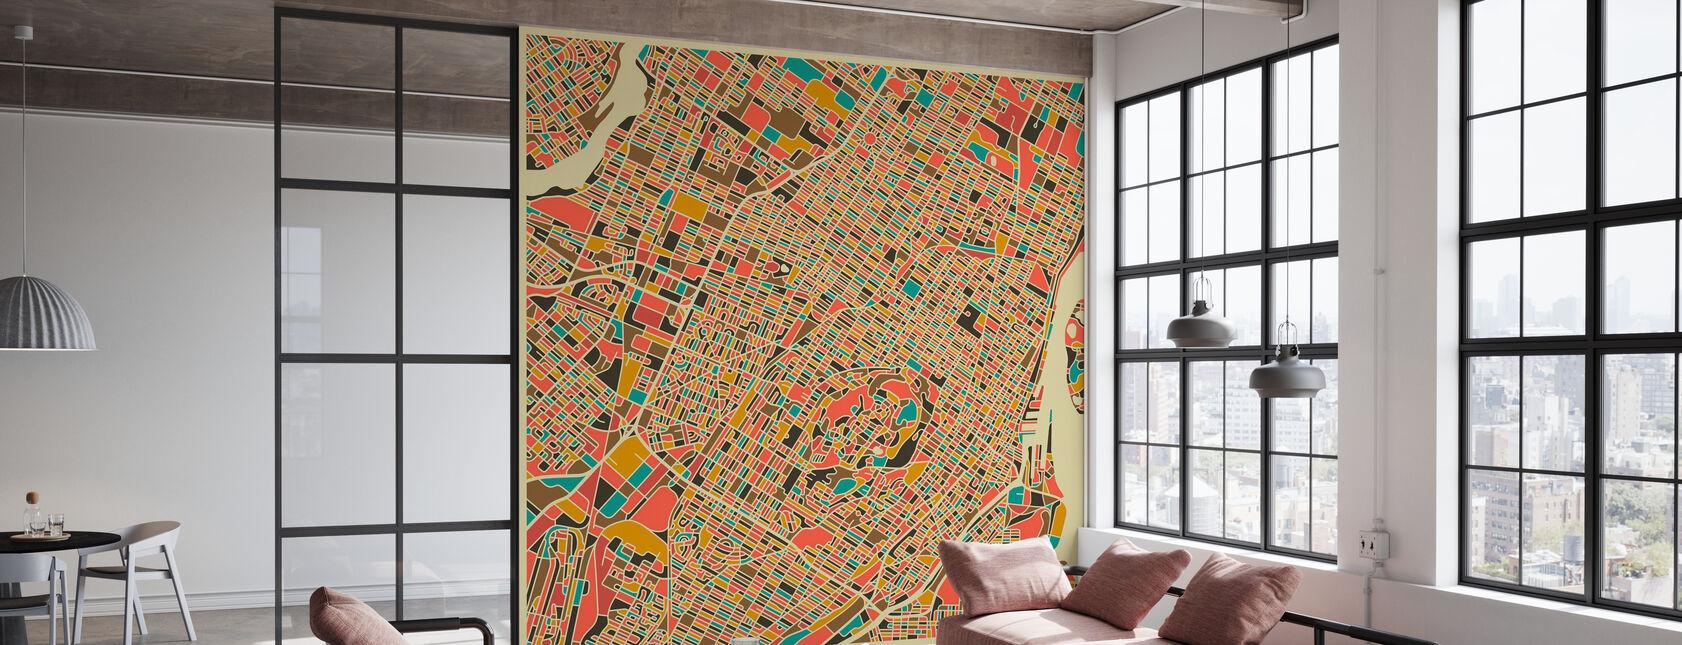 Mappa multicolore - Montreal - Carta da parati - Uffici